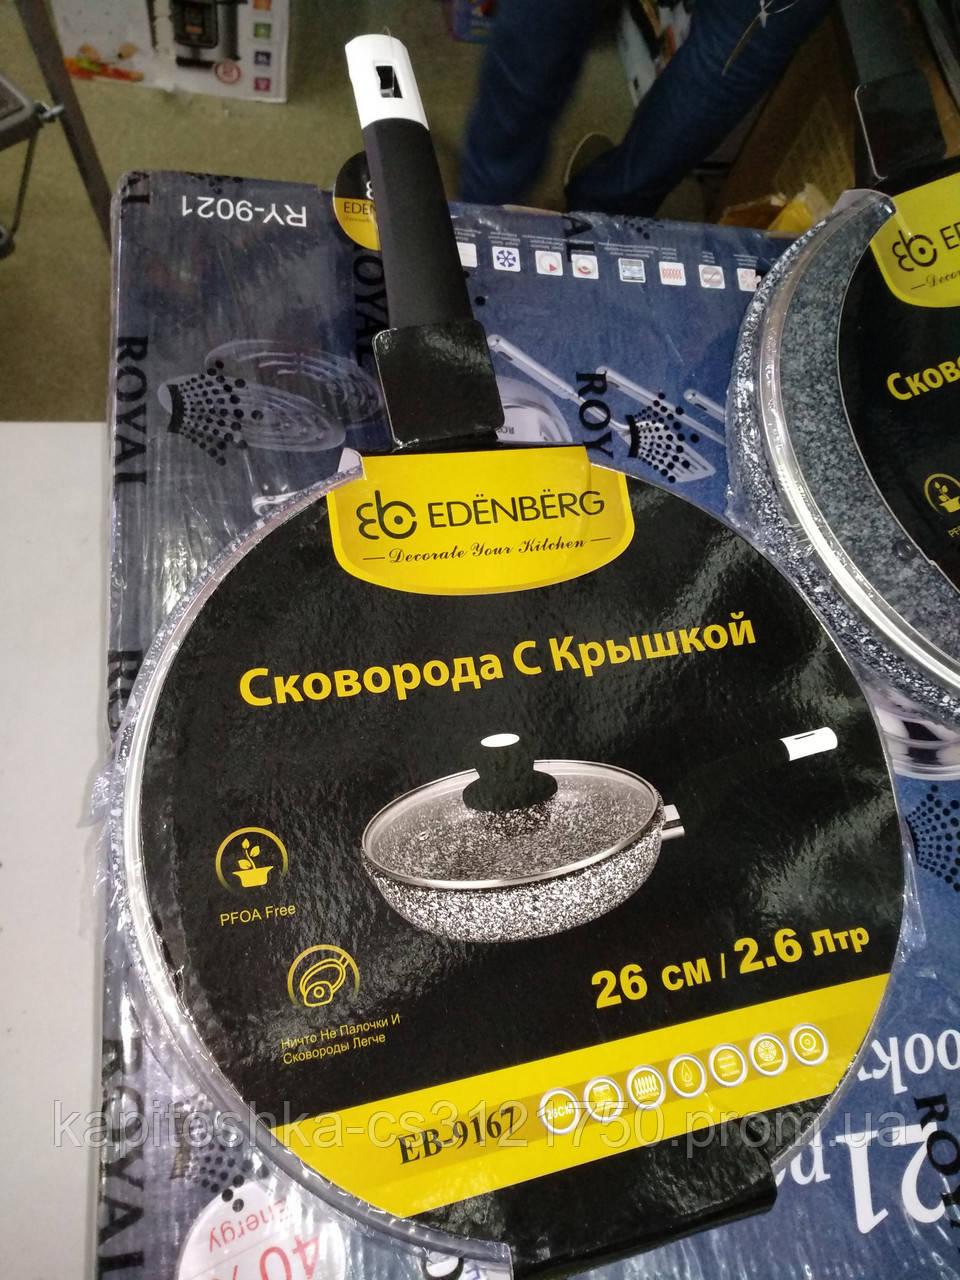 Сковорода гранитная с крышкой EDENBERG EB-9167 (26 см, 2.6 л)